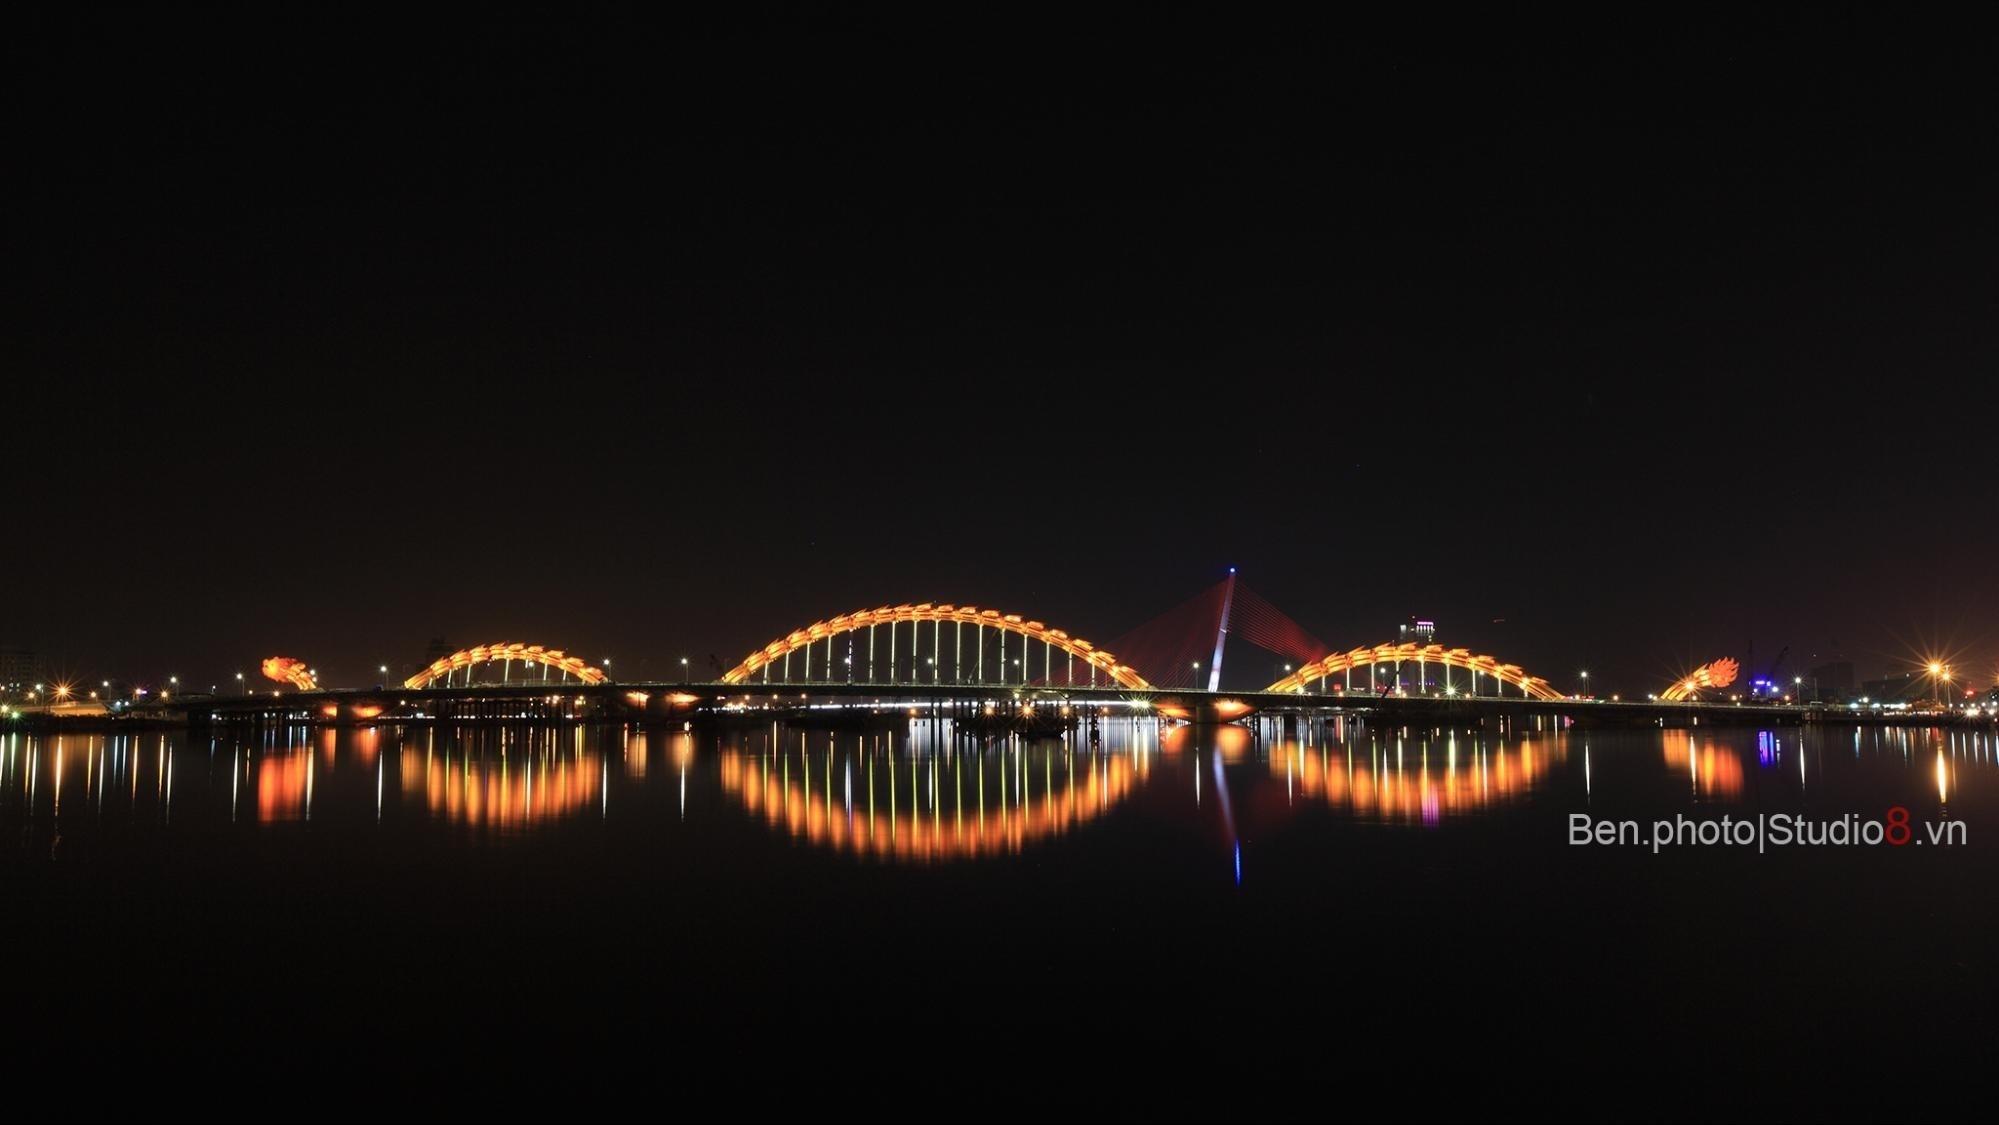 Cầu Rồng  cây cầu độc đáo thuộc về riêng Đà Nẵng